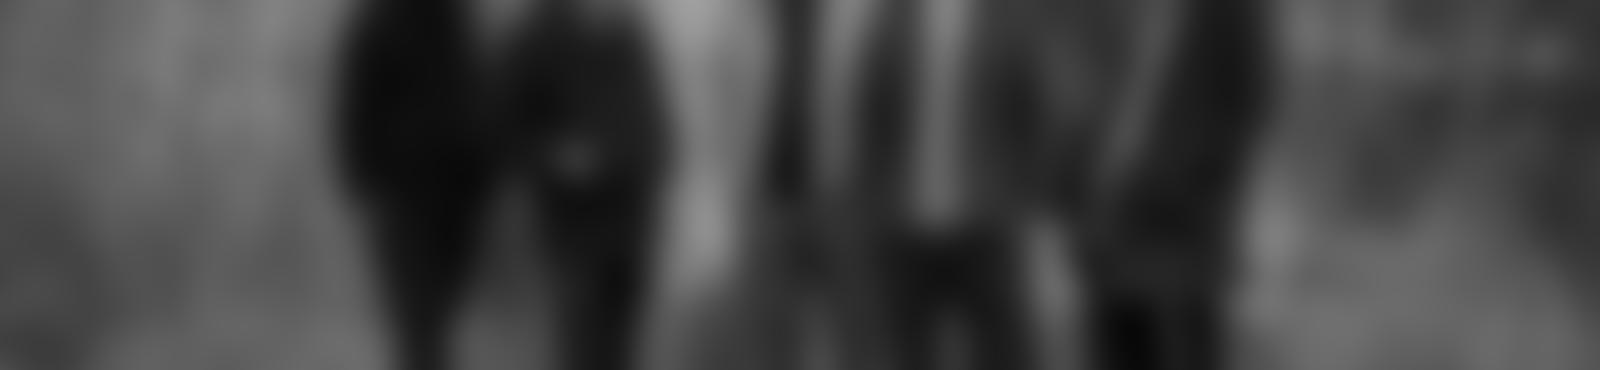 Blurred 6cecd92d bd51 458a 8702 f1543634b882